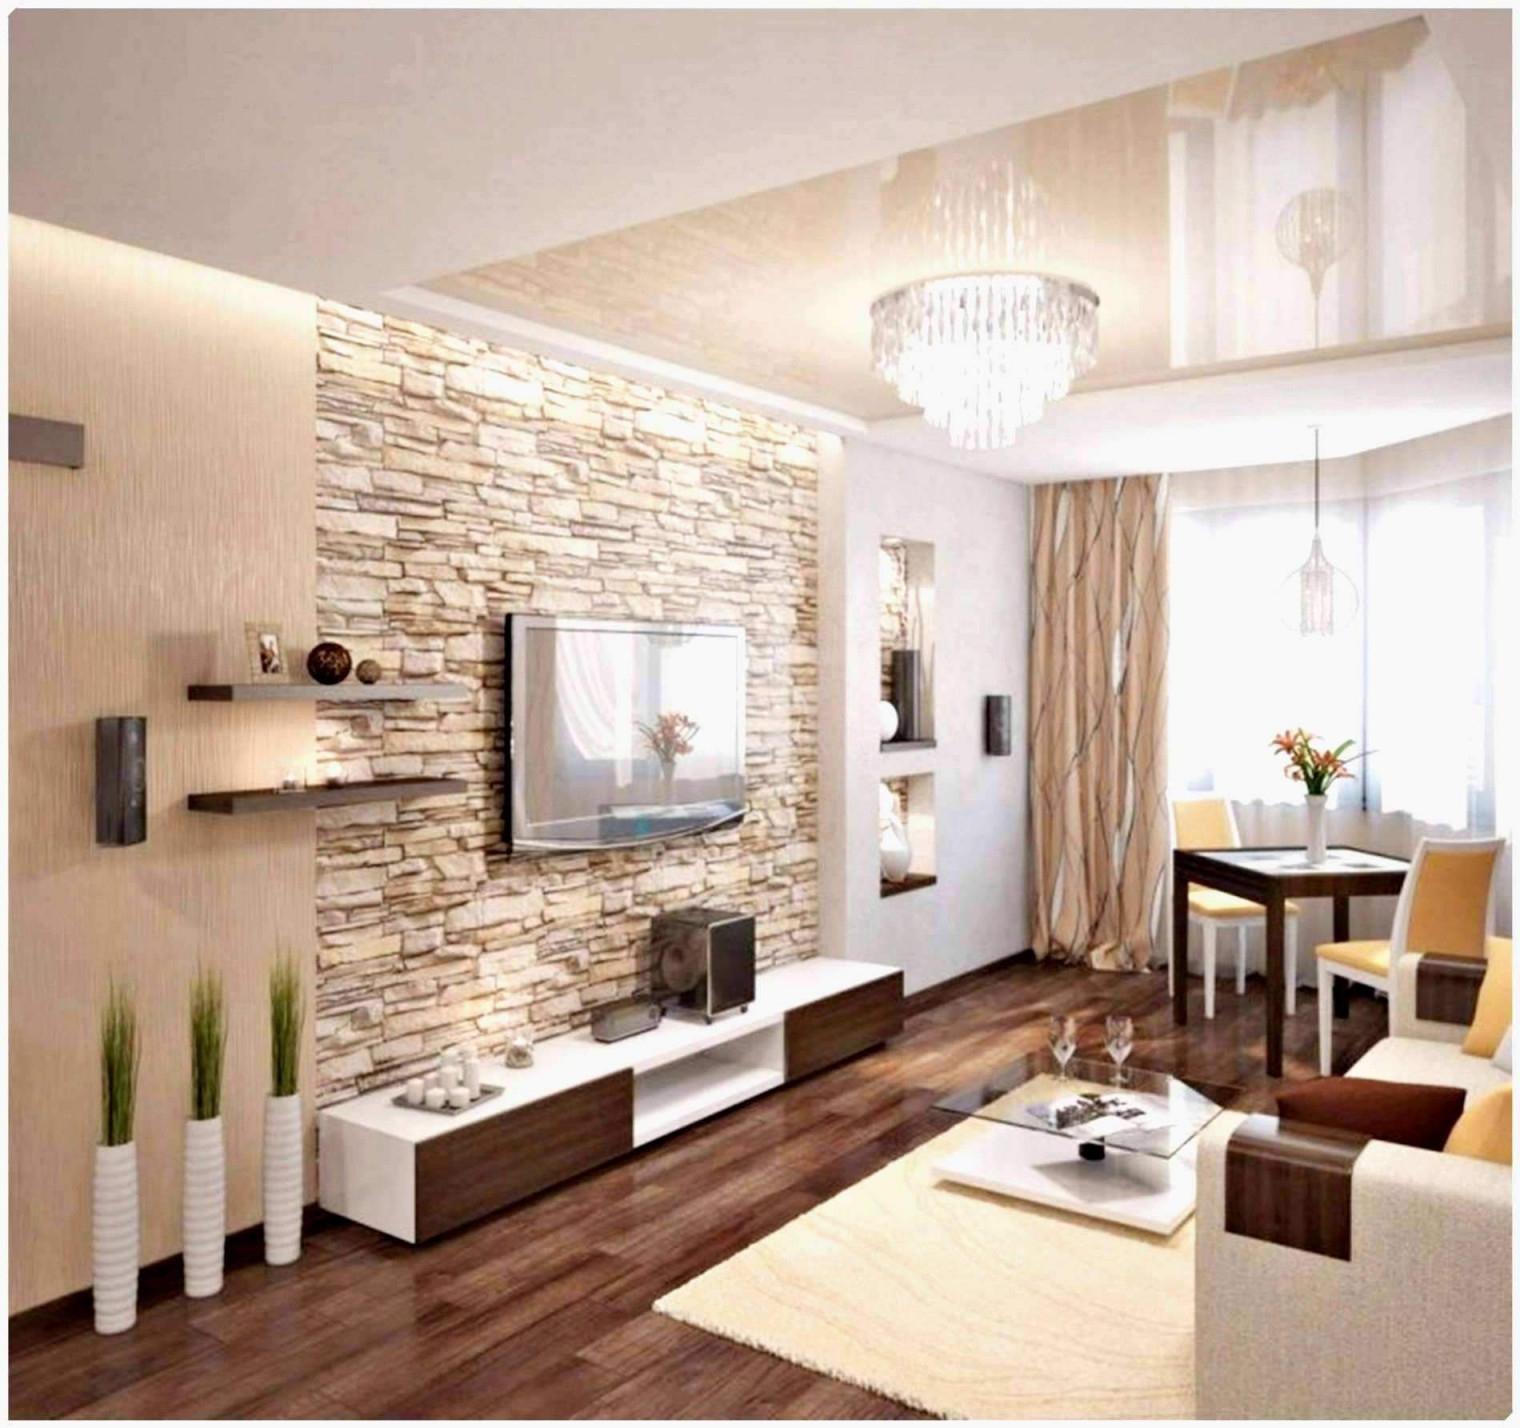 Moderne Tapeten Für Wohnzimmer Frisch 53 Schön Tapeten Für von Tapeten Fürs Wohnzimmer Photo